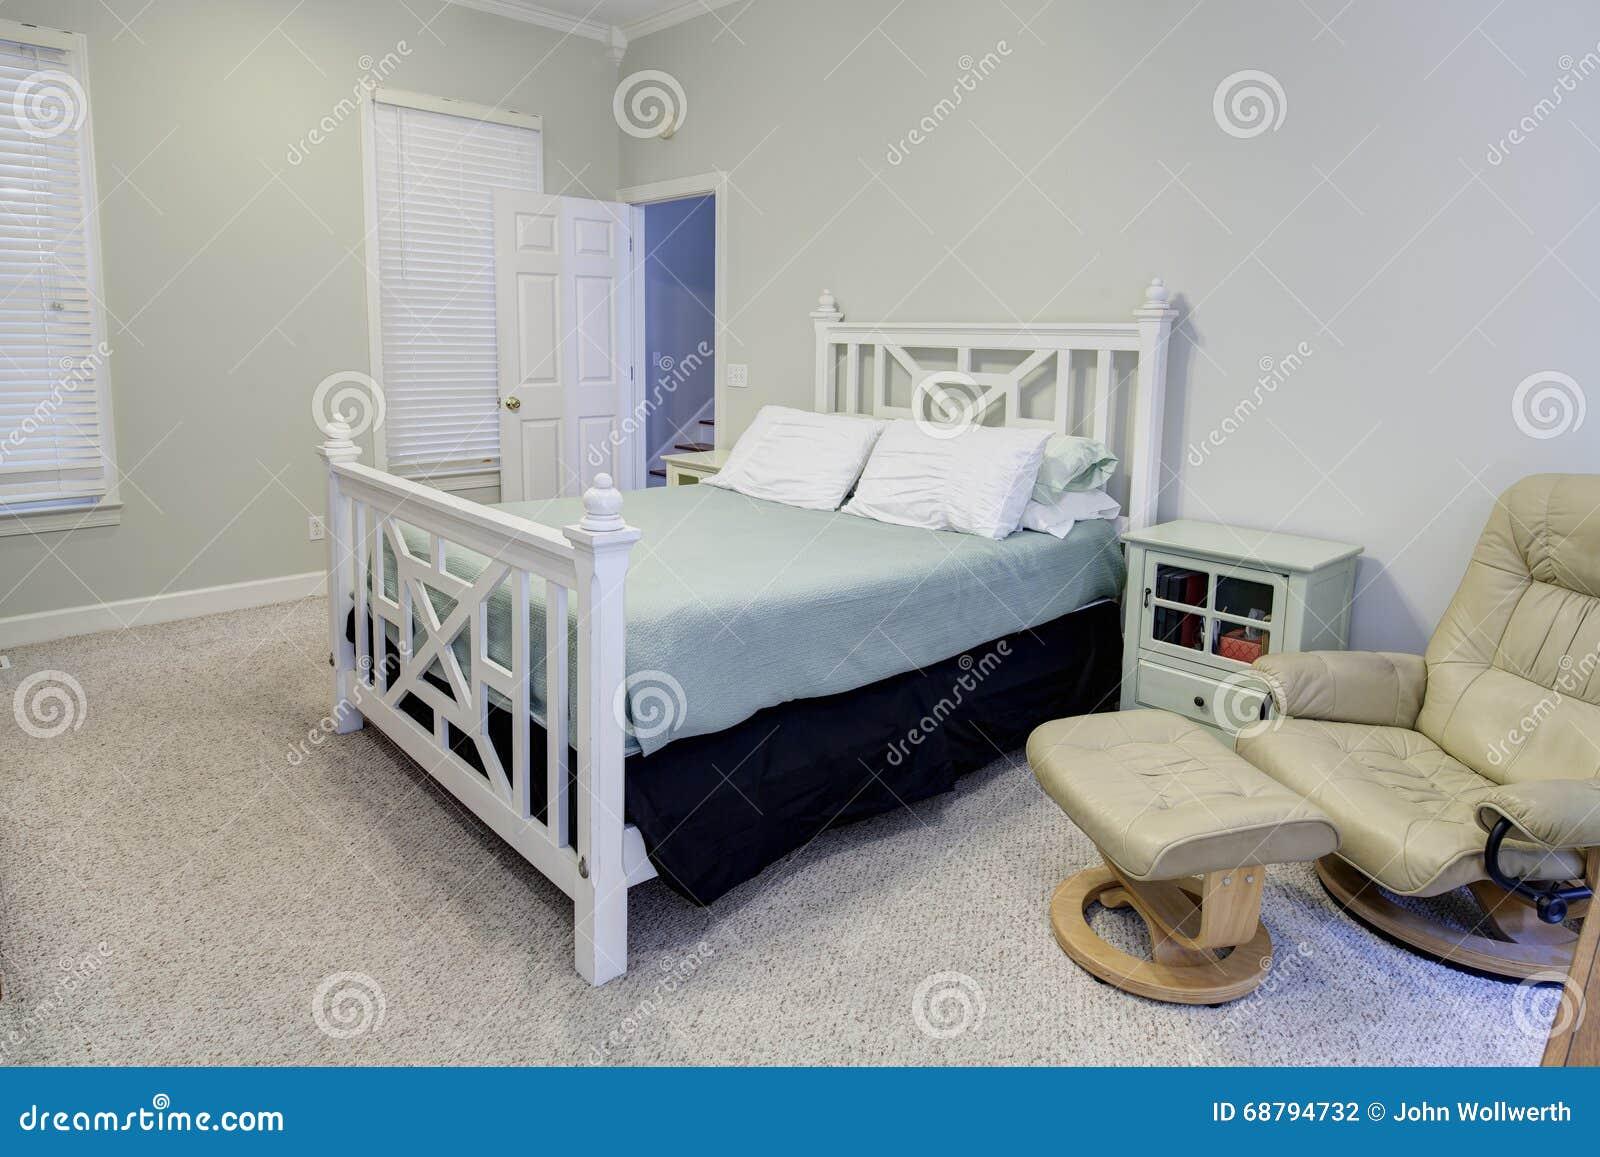 Eenvoudige Slaapkamer In Neutrale Kleuren Stock Foto - Afbeelding ...